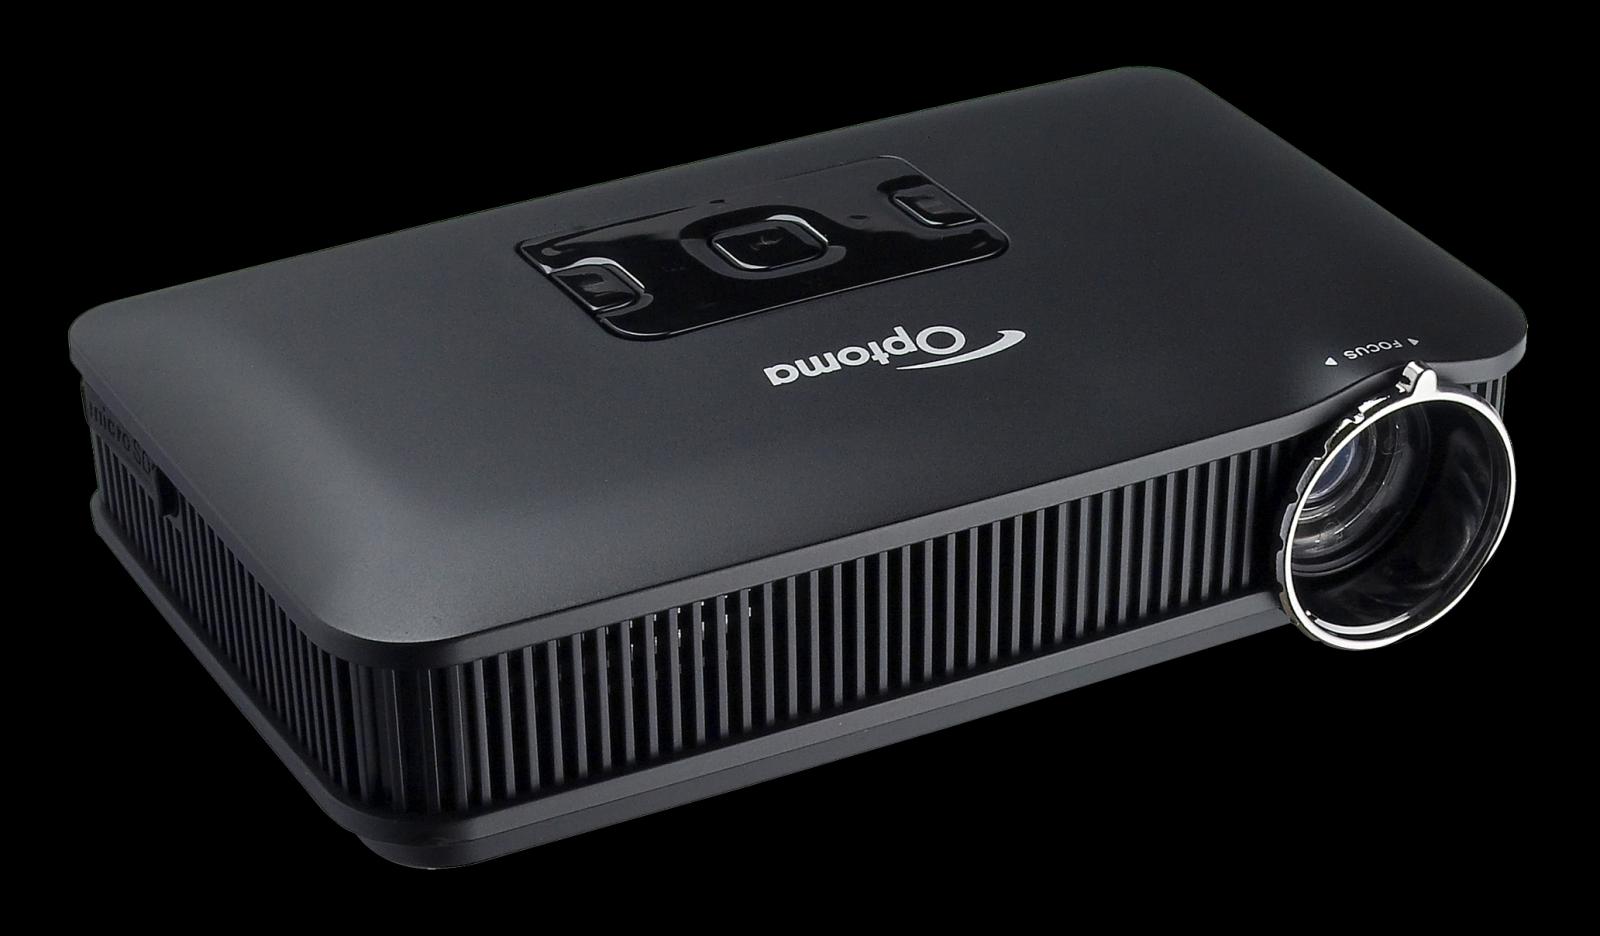 optoma pk301 pico pocket projector review pnosker com rh tech pnosker com optoma projector pk301 user manual Optoma PK301 Power Supply